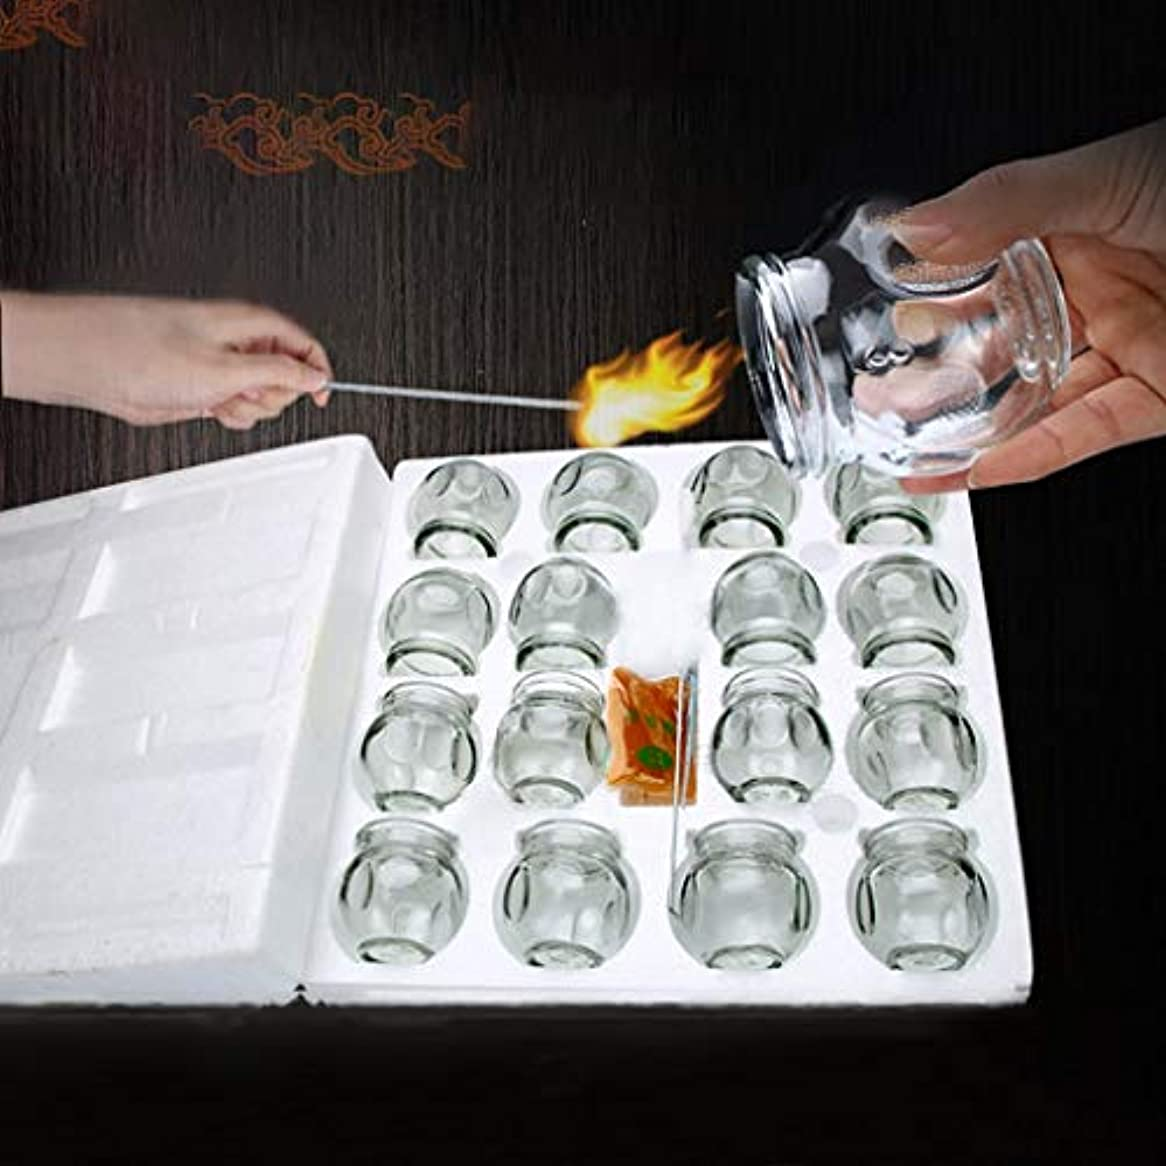 遠近法平均器官ガラス真空16個のプレミアム缶を持つデバイスをカッピング世帯は、痛みを軽減解毒マッサージ筋弛緩インストゥルメントのためのプルアウト